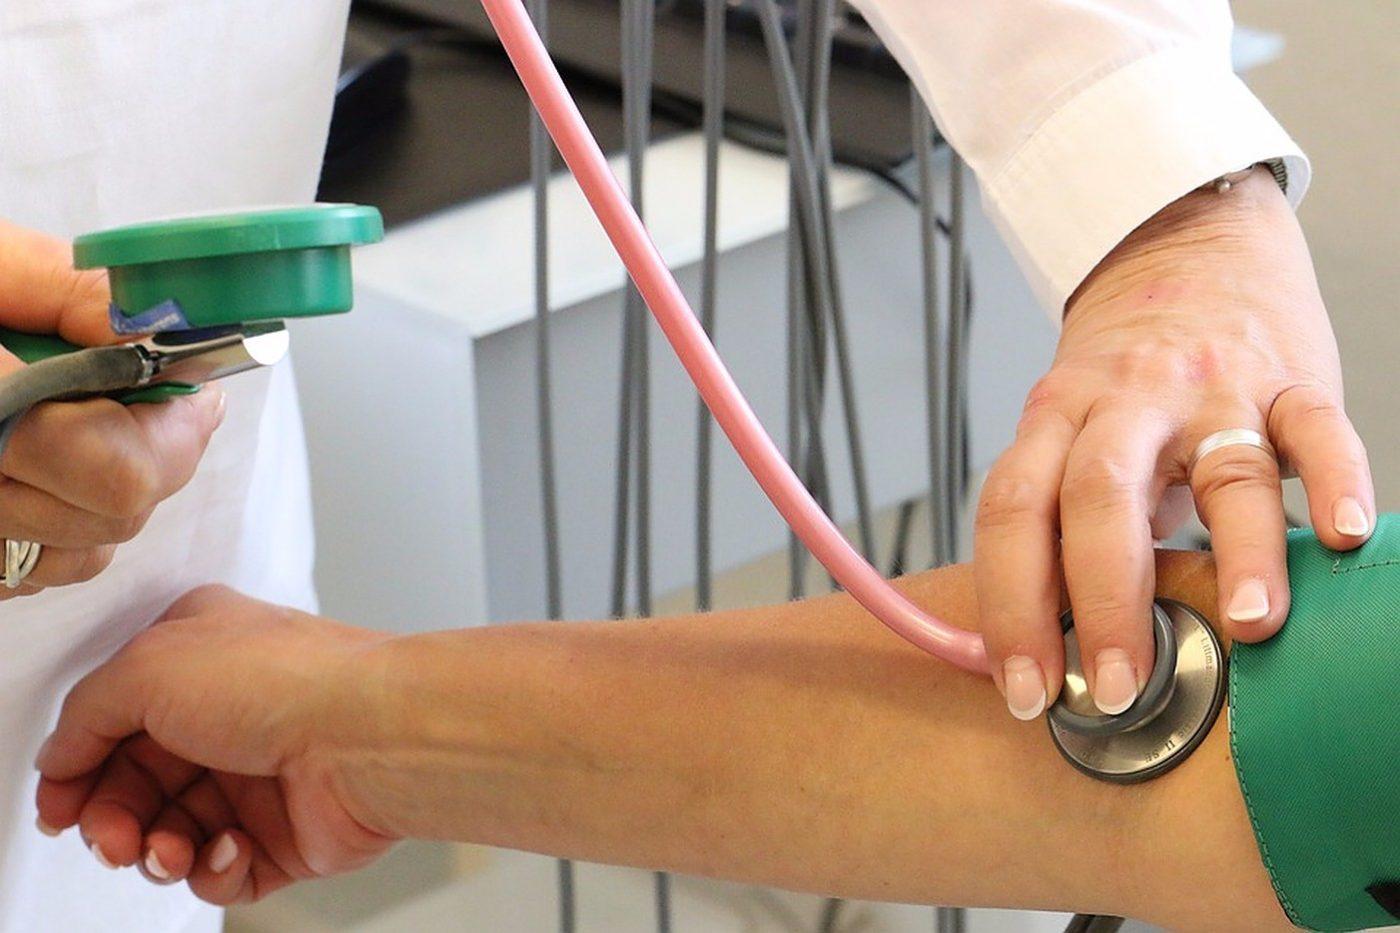 lijekovi za liječenje povišenog krvnog tlaka ili hipertenzije liječenje hipertenzije i tinitus